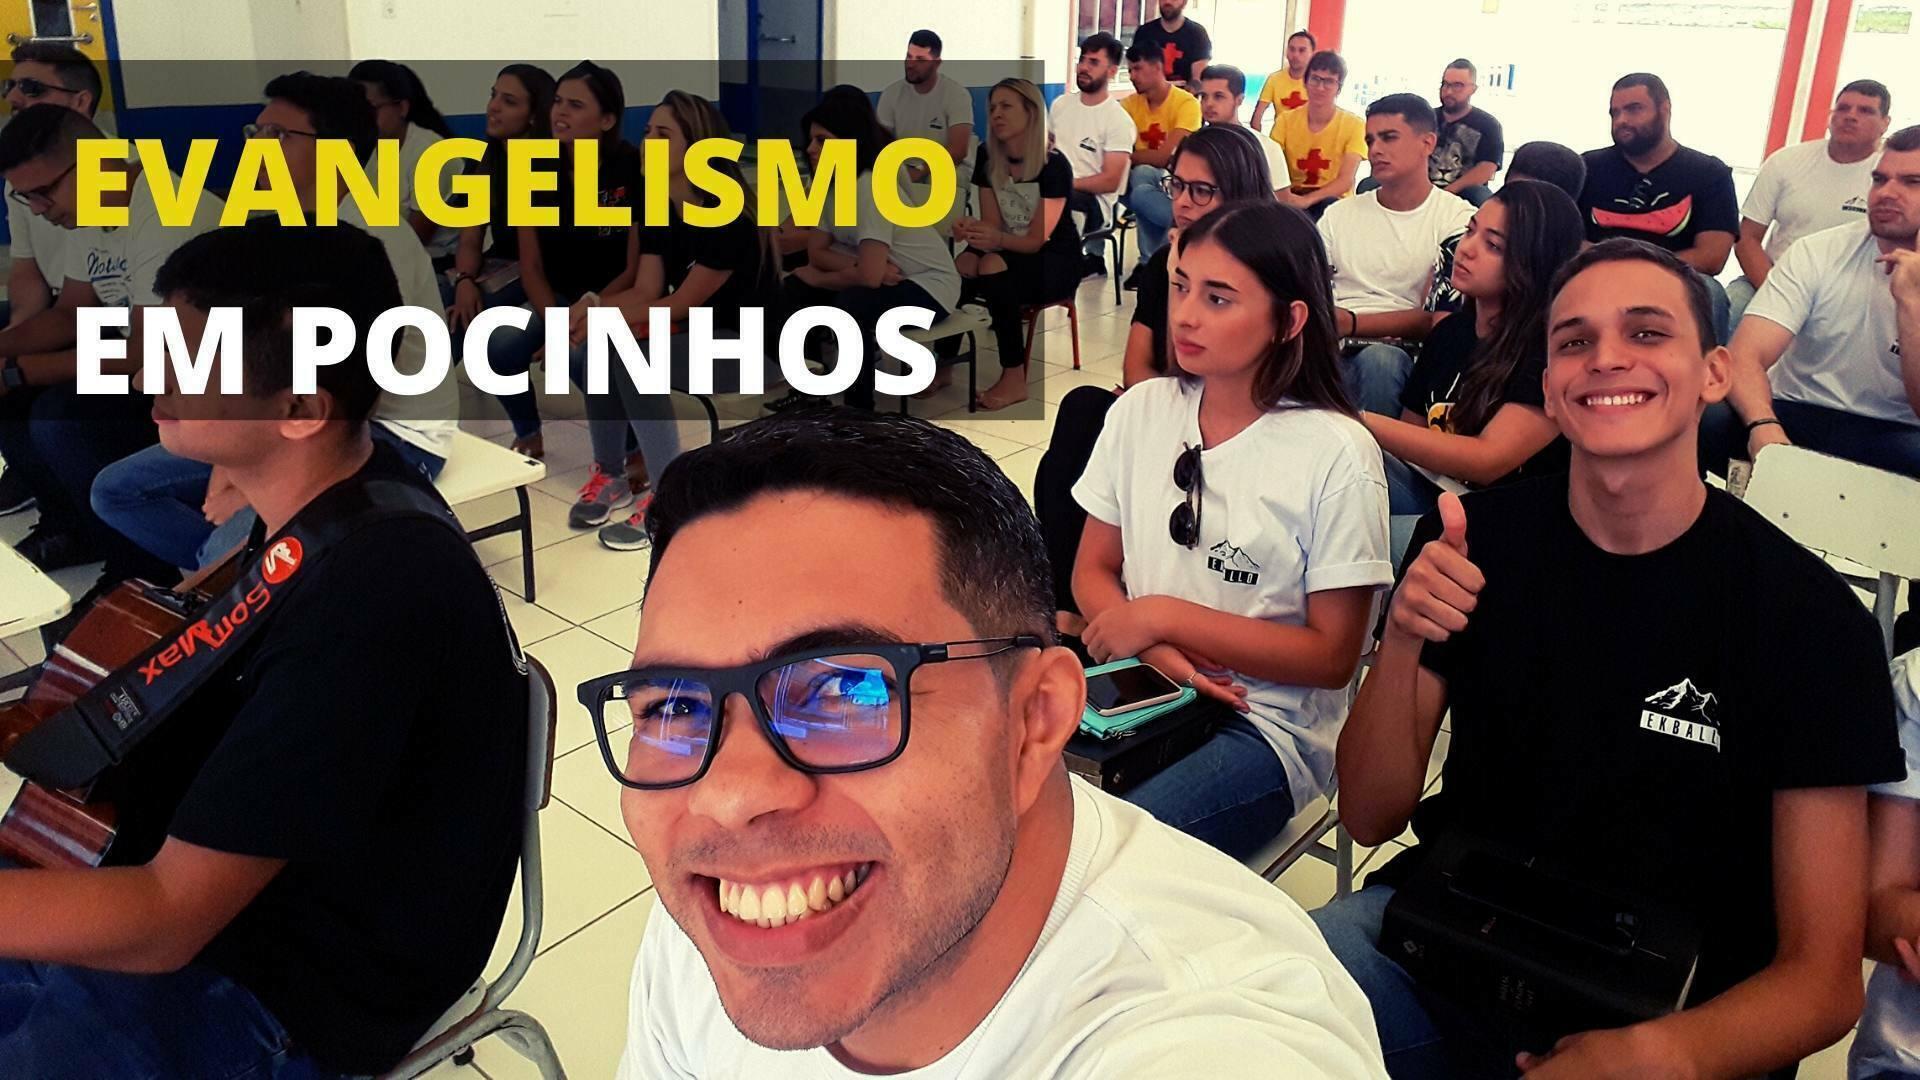 Evangelismo em Pocinhos – PB (IMPACTANTE)